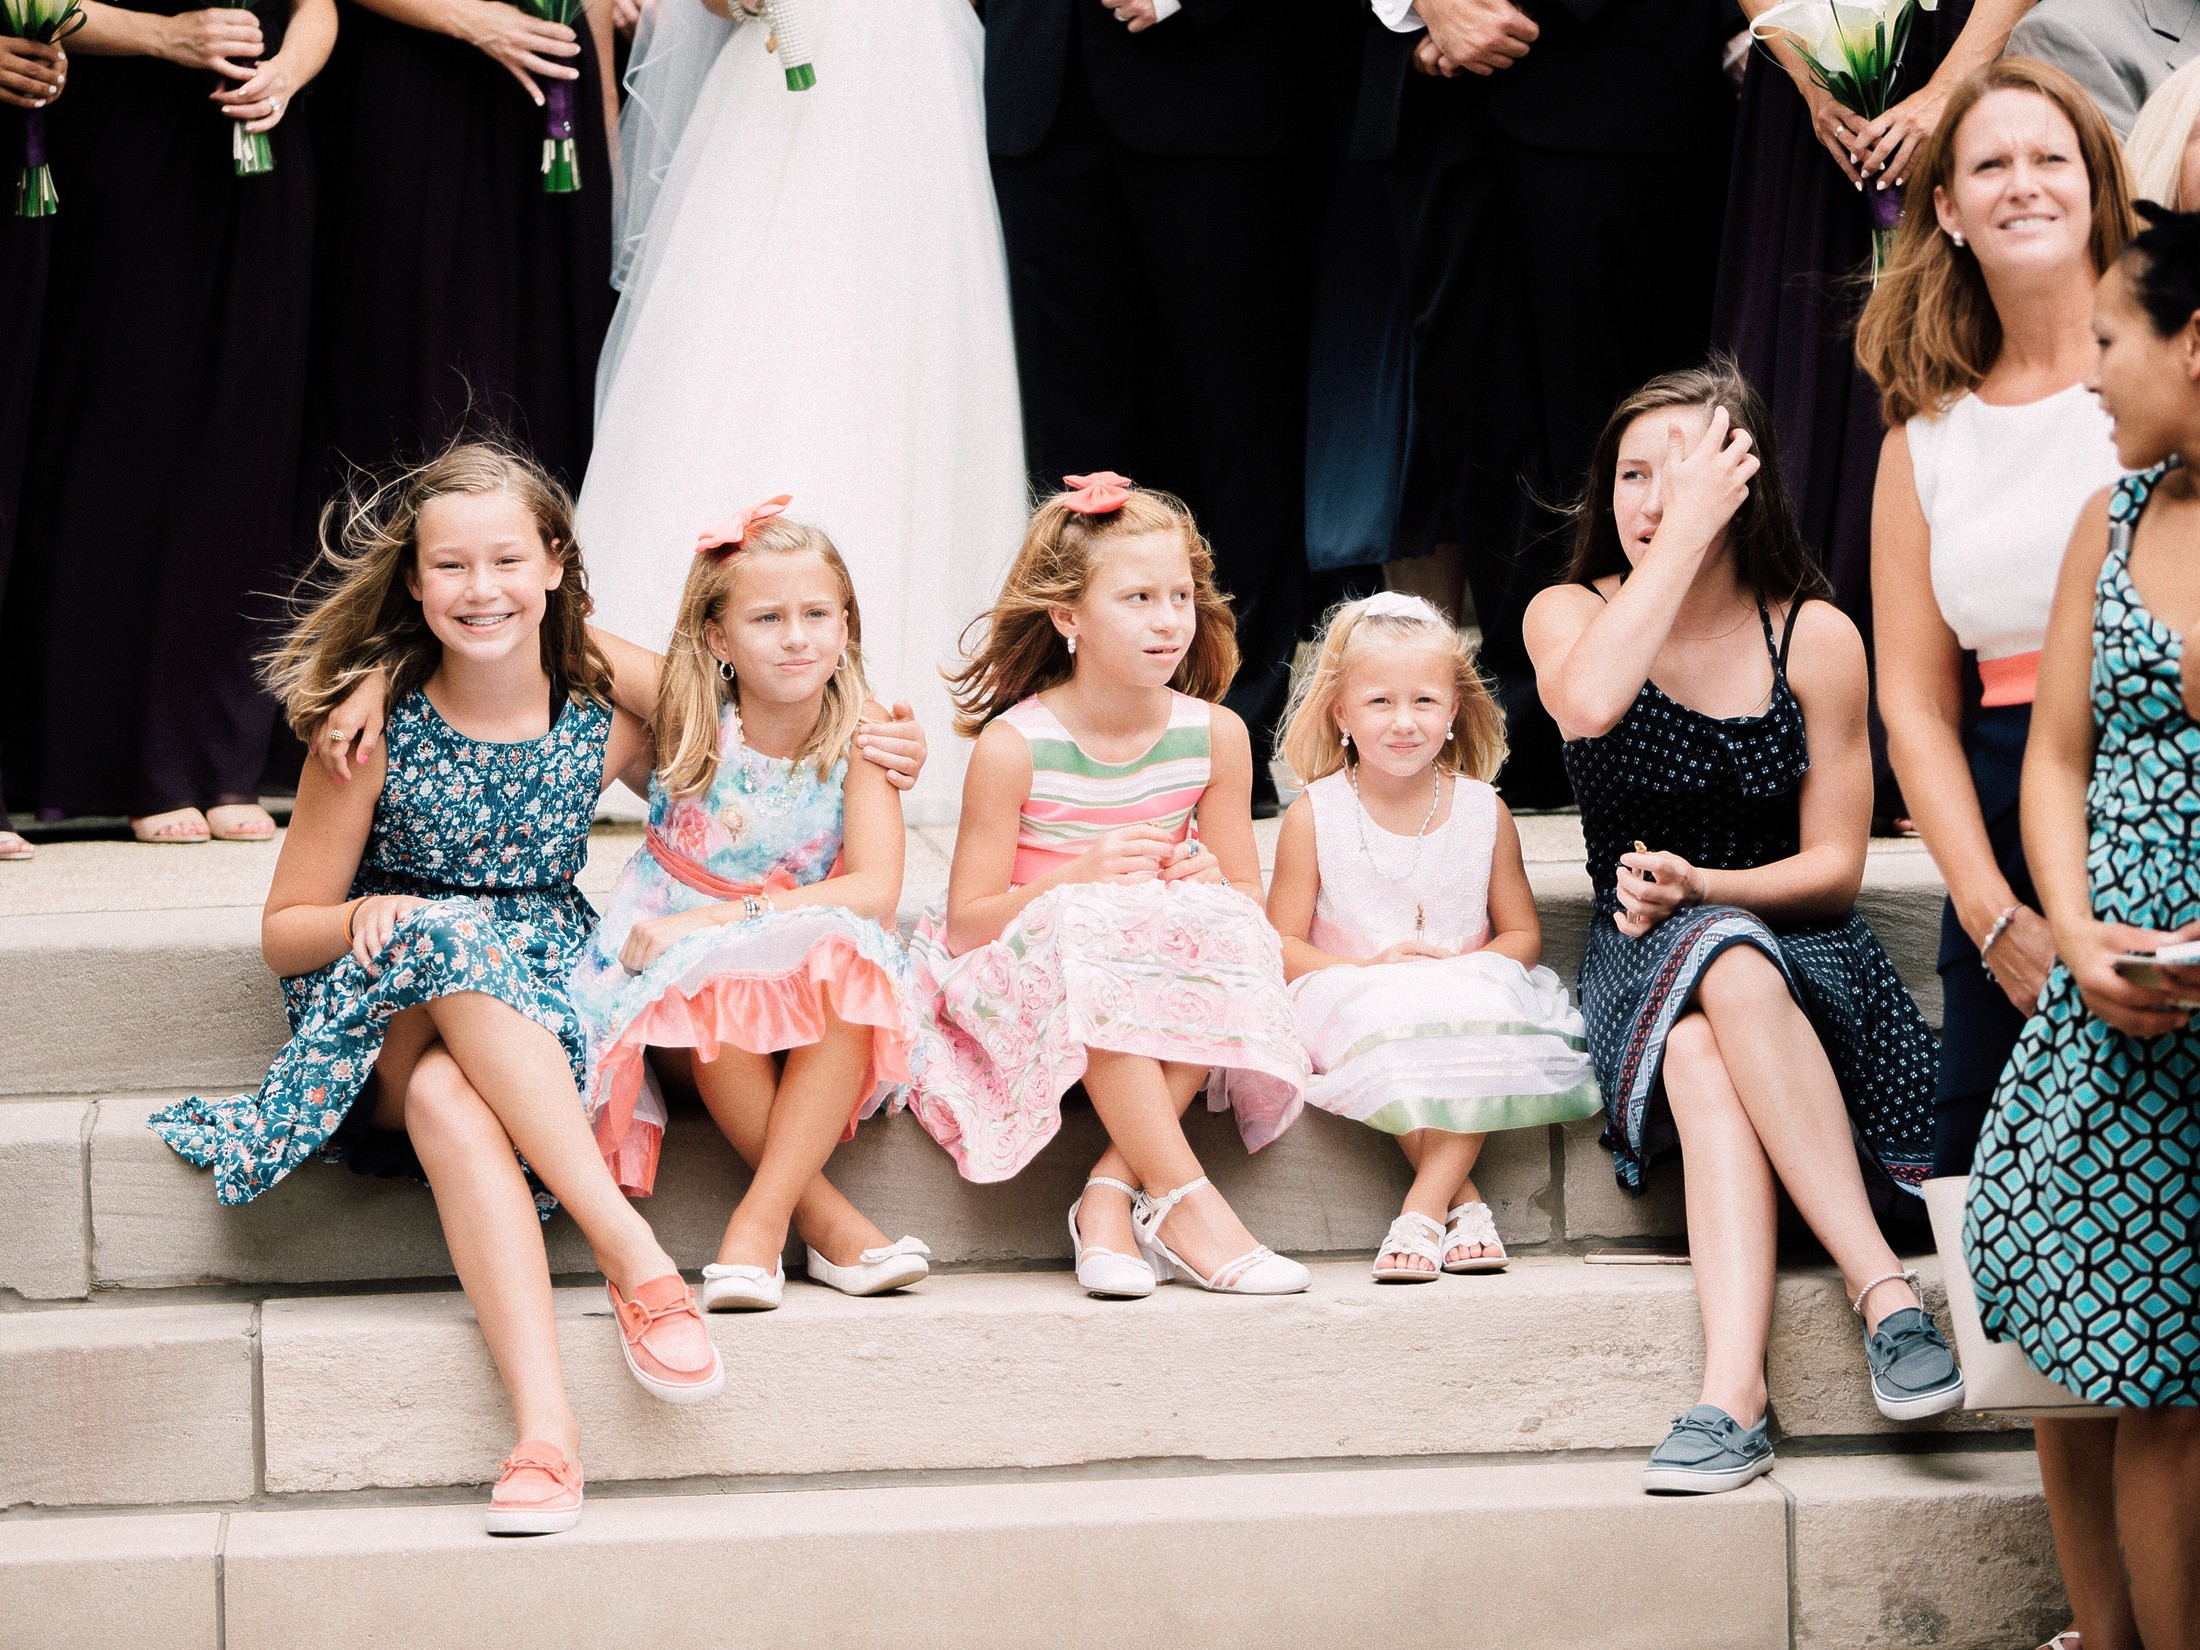 detroit_wedding_blaine_siesser_0030_std.jpg